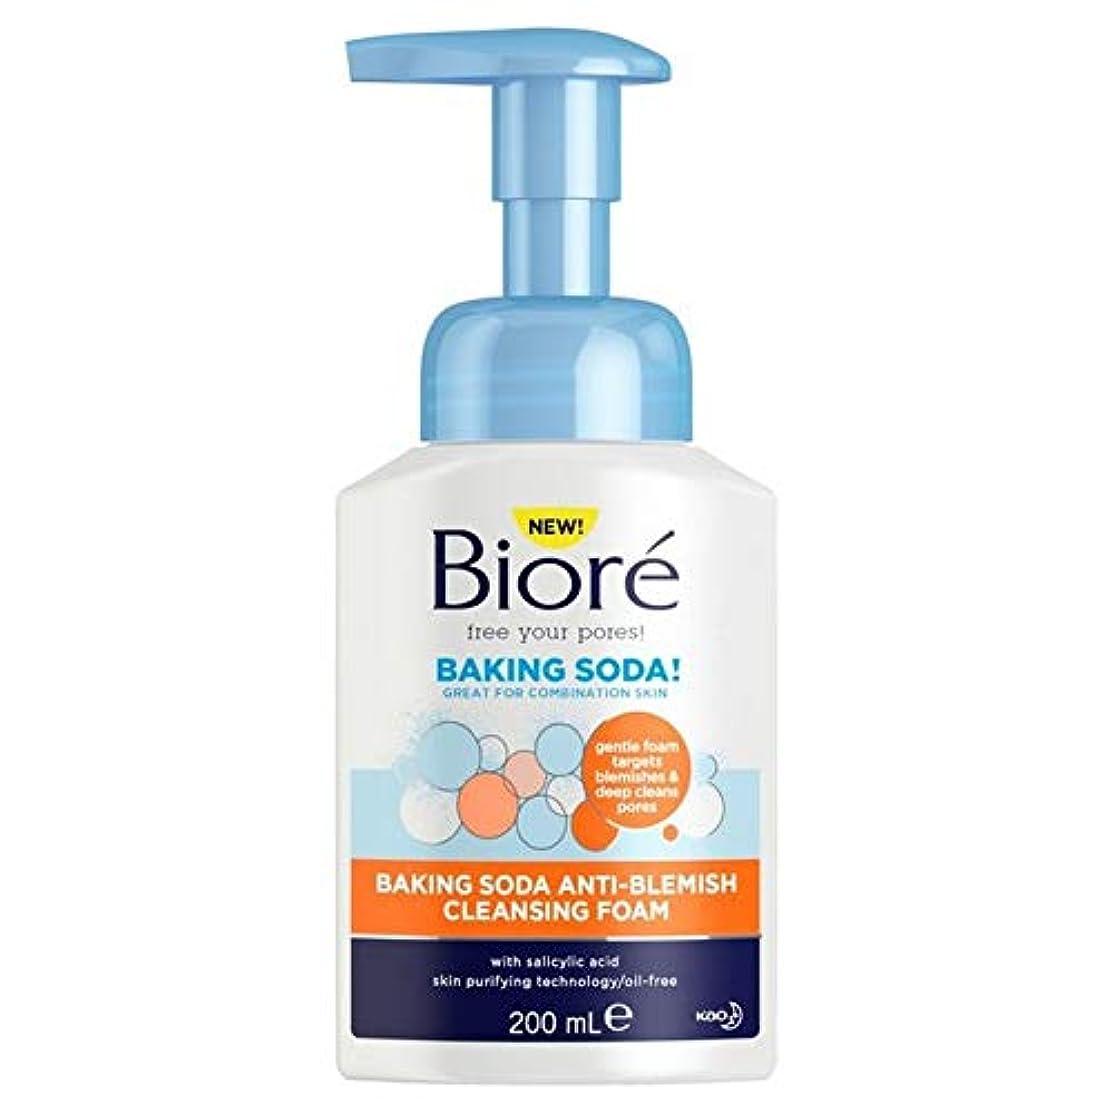 韓国フライカイト期待[Biore ] ビオレベーキングソーダ抗傷クレンジングフォーム200ミリリットル - Biore Baking Soda Anti Blemish Cleansing Foam 200ml [並行輸入品]